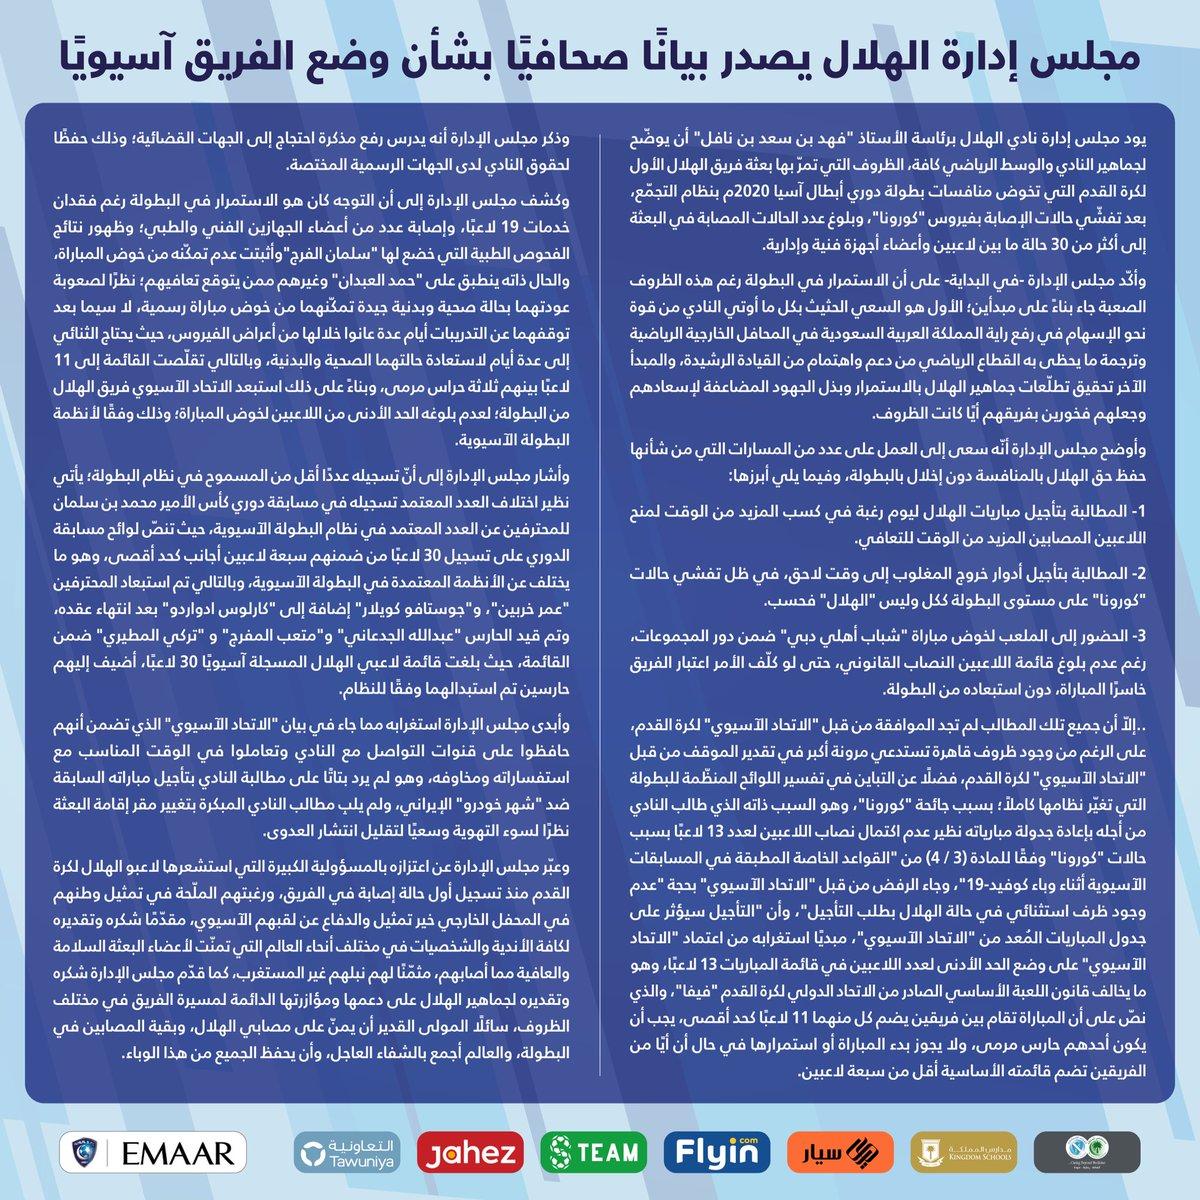 📃 مجلس إدارة #الهلال يصدر بيانًا صحافيًا بشأن وضع الفريق آسيويًا https://t.co/N2DHfBuKsH